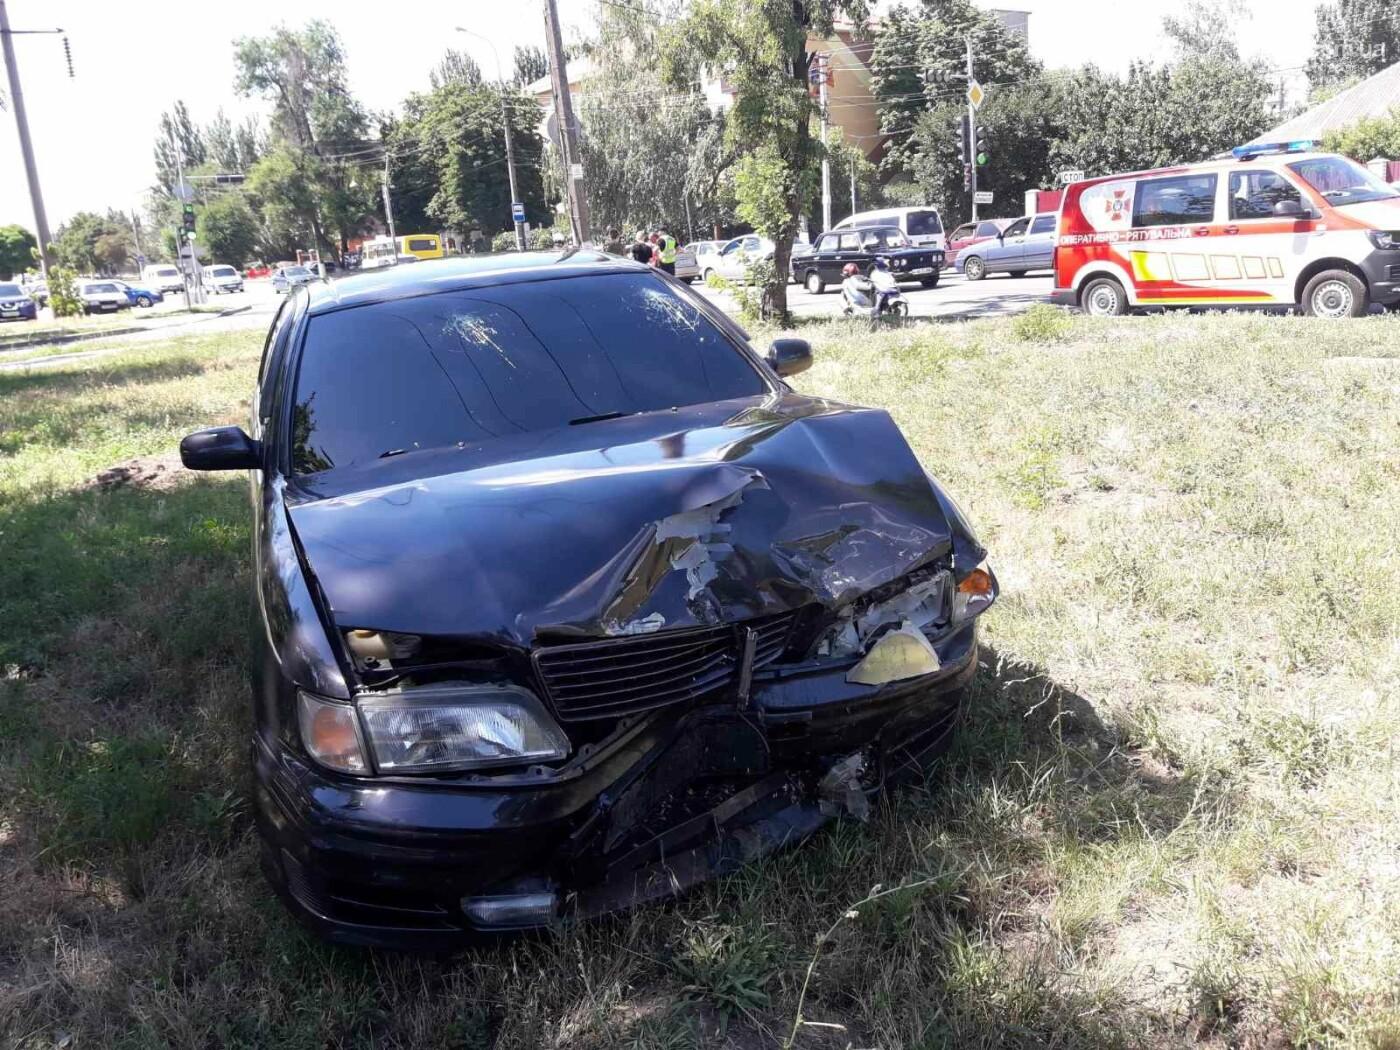 Снова ДТП! В Мариуполе на опасном перекрестке столкнулись Nissan и Mercedes. Пострадала девушка-водитель, - ФОТО, ВИДЕО, фото-1